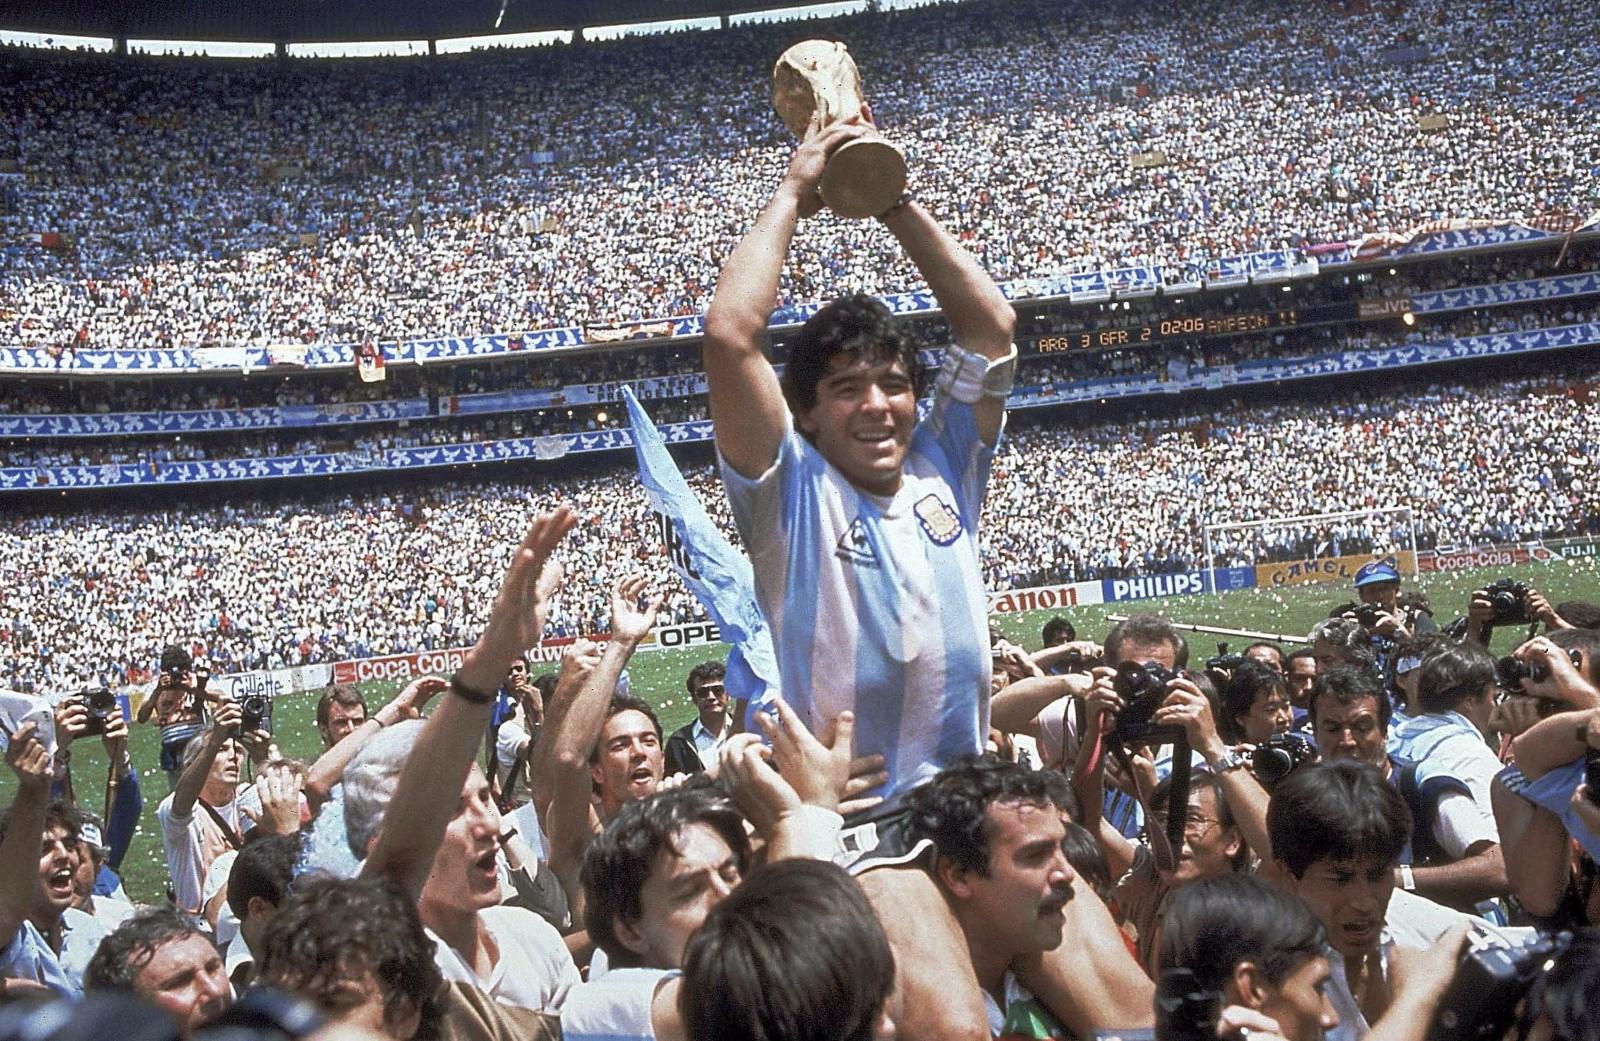 """图为1986年6月29日,阿根廷队在墨西哥世界杯决赛中以3比2战胜西德队,马拉多纳(上)高举大力神杯。马拉多纳在本届比赛四分之一决赛中上演""""上帝之手""""帮助阿根廷队以2比1战胜英格兰队。"""